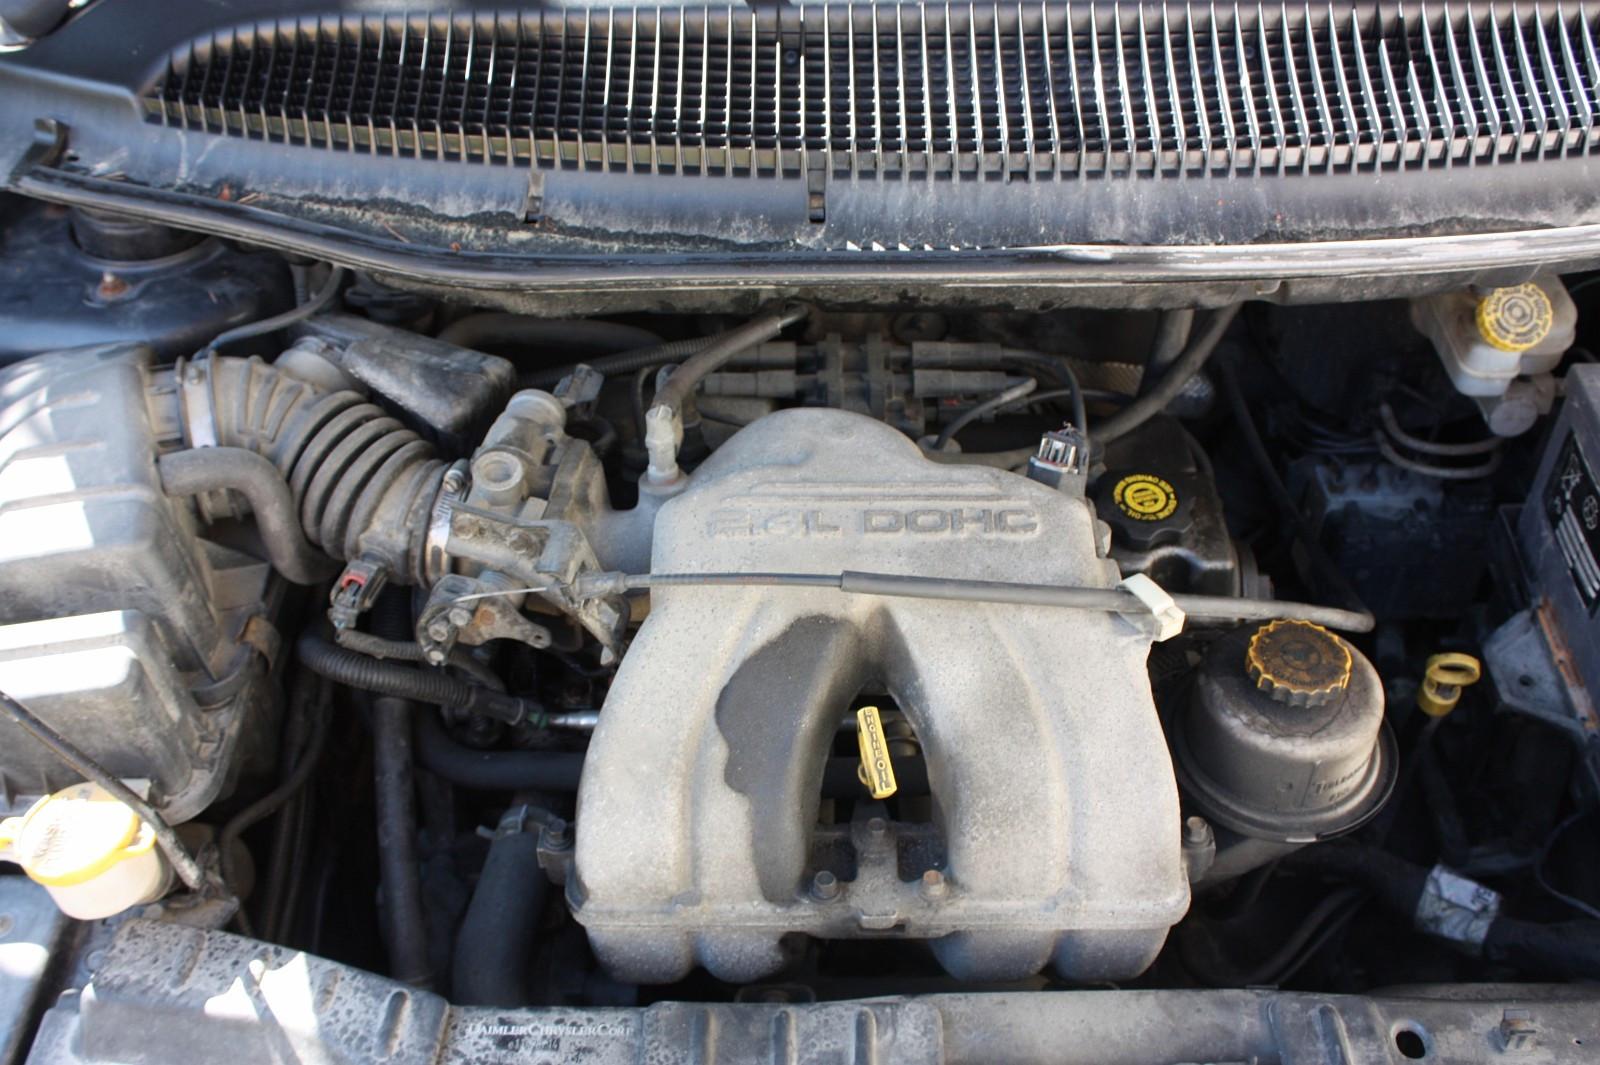 Motor 2005 model Chrysler 2.4  bensin, registerrem byttet - Fredrikstad  - Motor til Chrysler 2.4 bensin selges. Motor er komplett, kan prøves i bil før demontering. Registerrem er skiftet. KM225700  Bil er komplett, deler selges - Fredrikstad